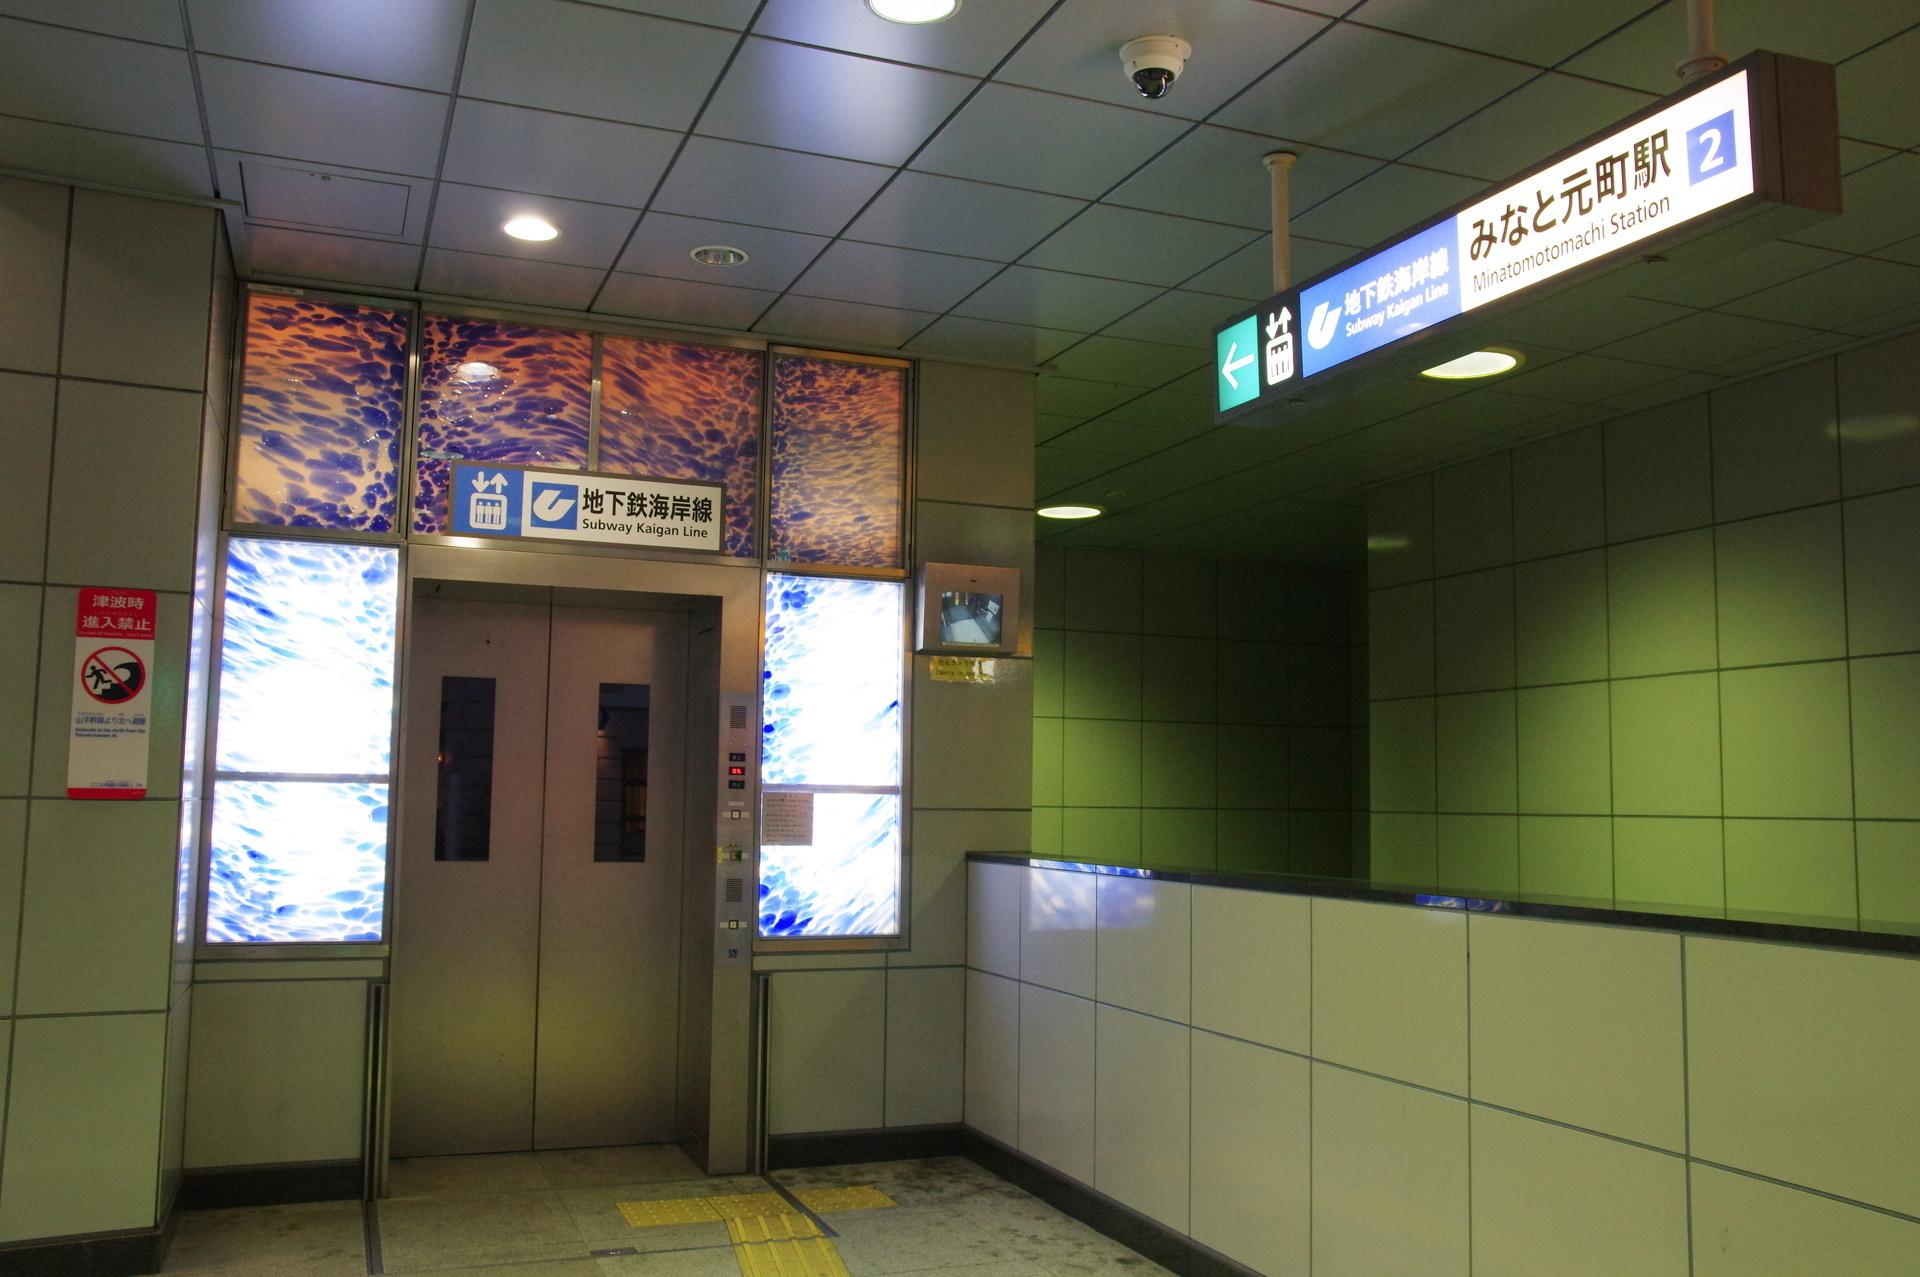 2番出口のエレベーター